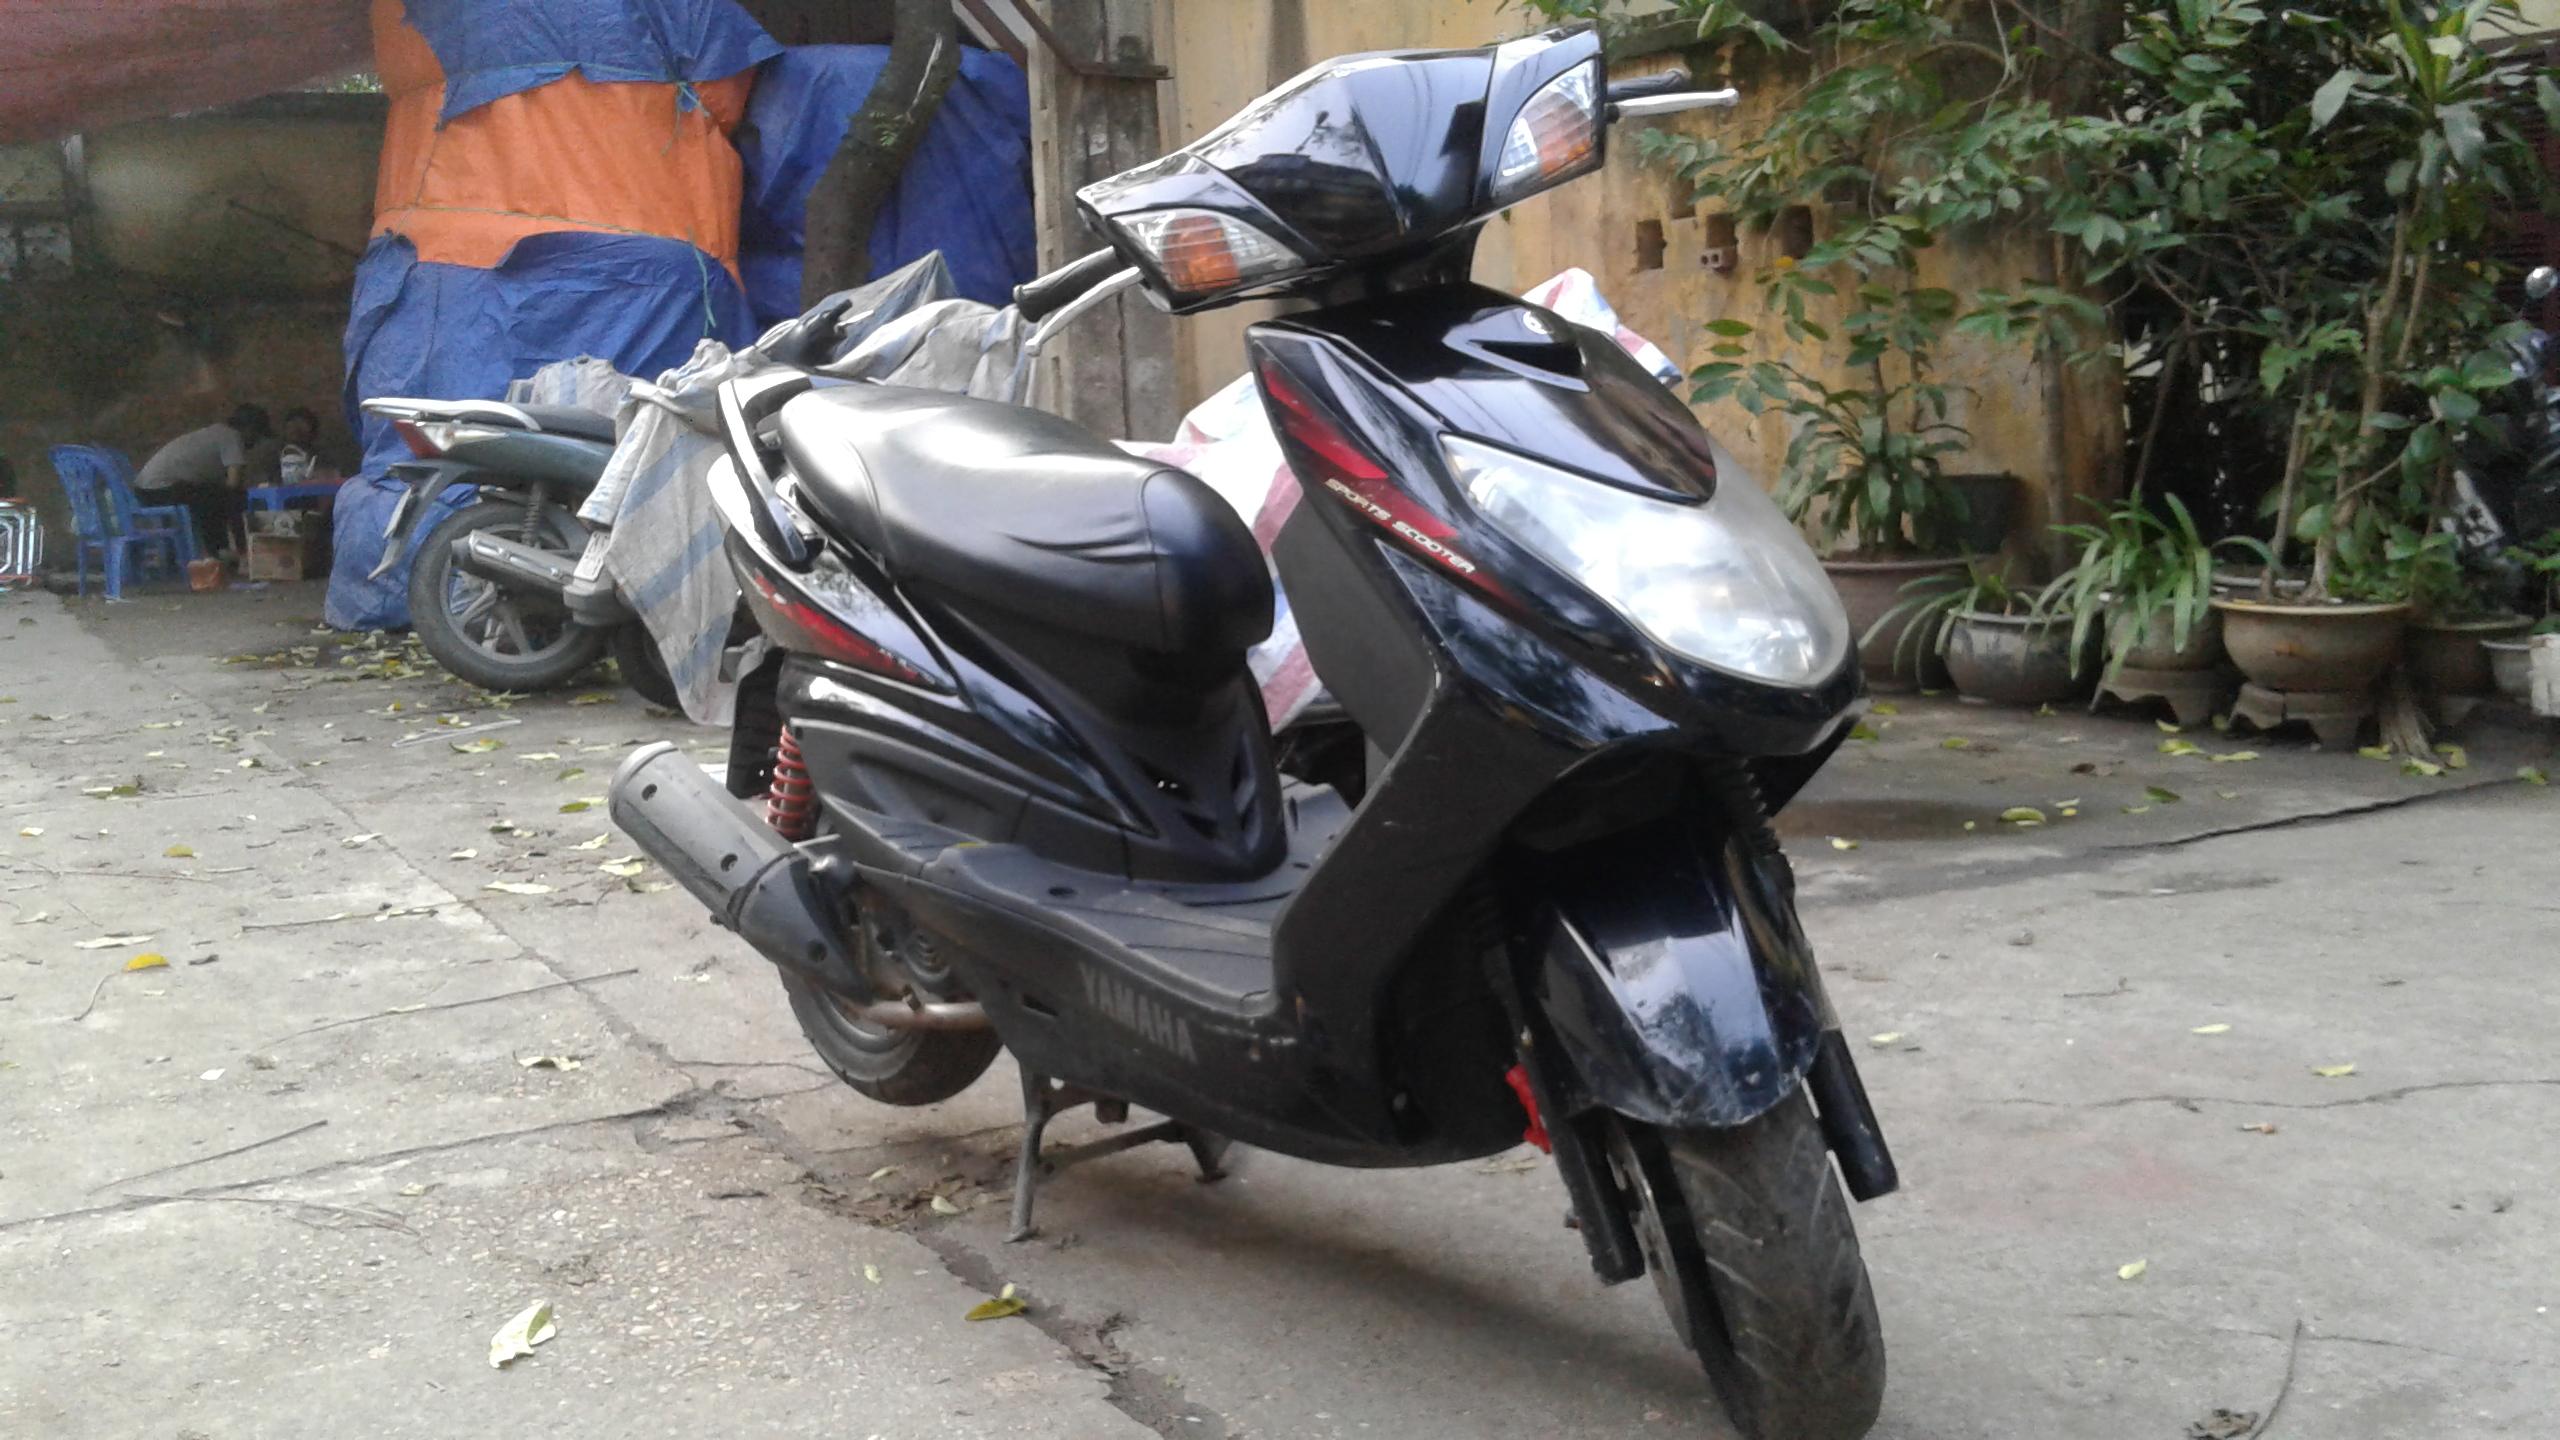 Bán Xe Yamaha Cygnus Z điên tử nhập khẩu biển HN, đủ giấy tờ, Xe Máy nguyên bản1.